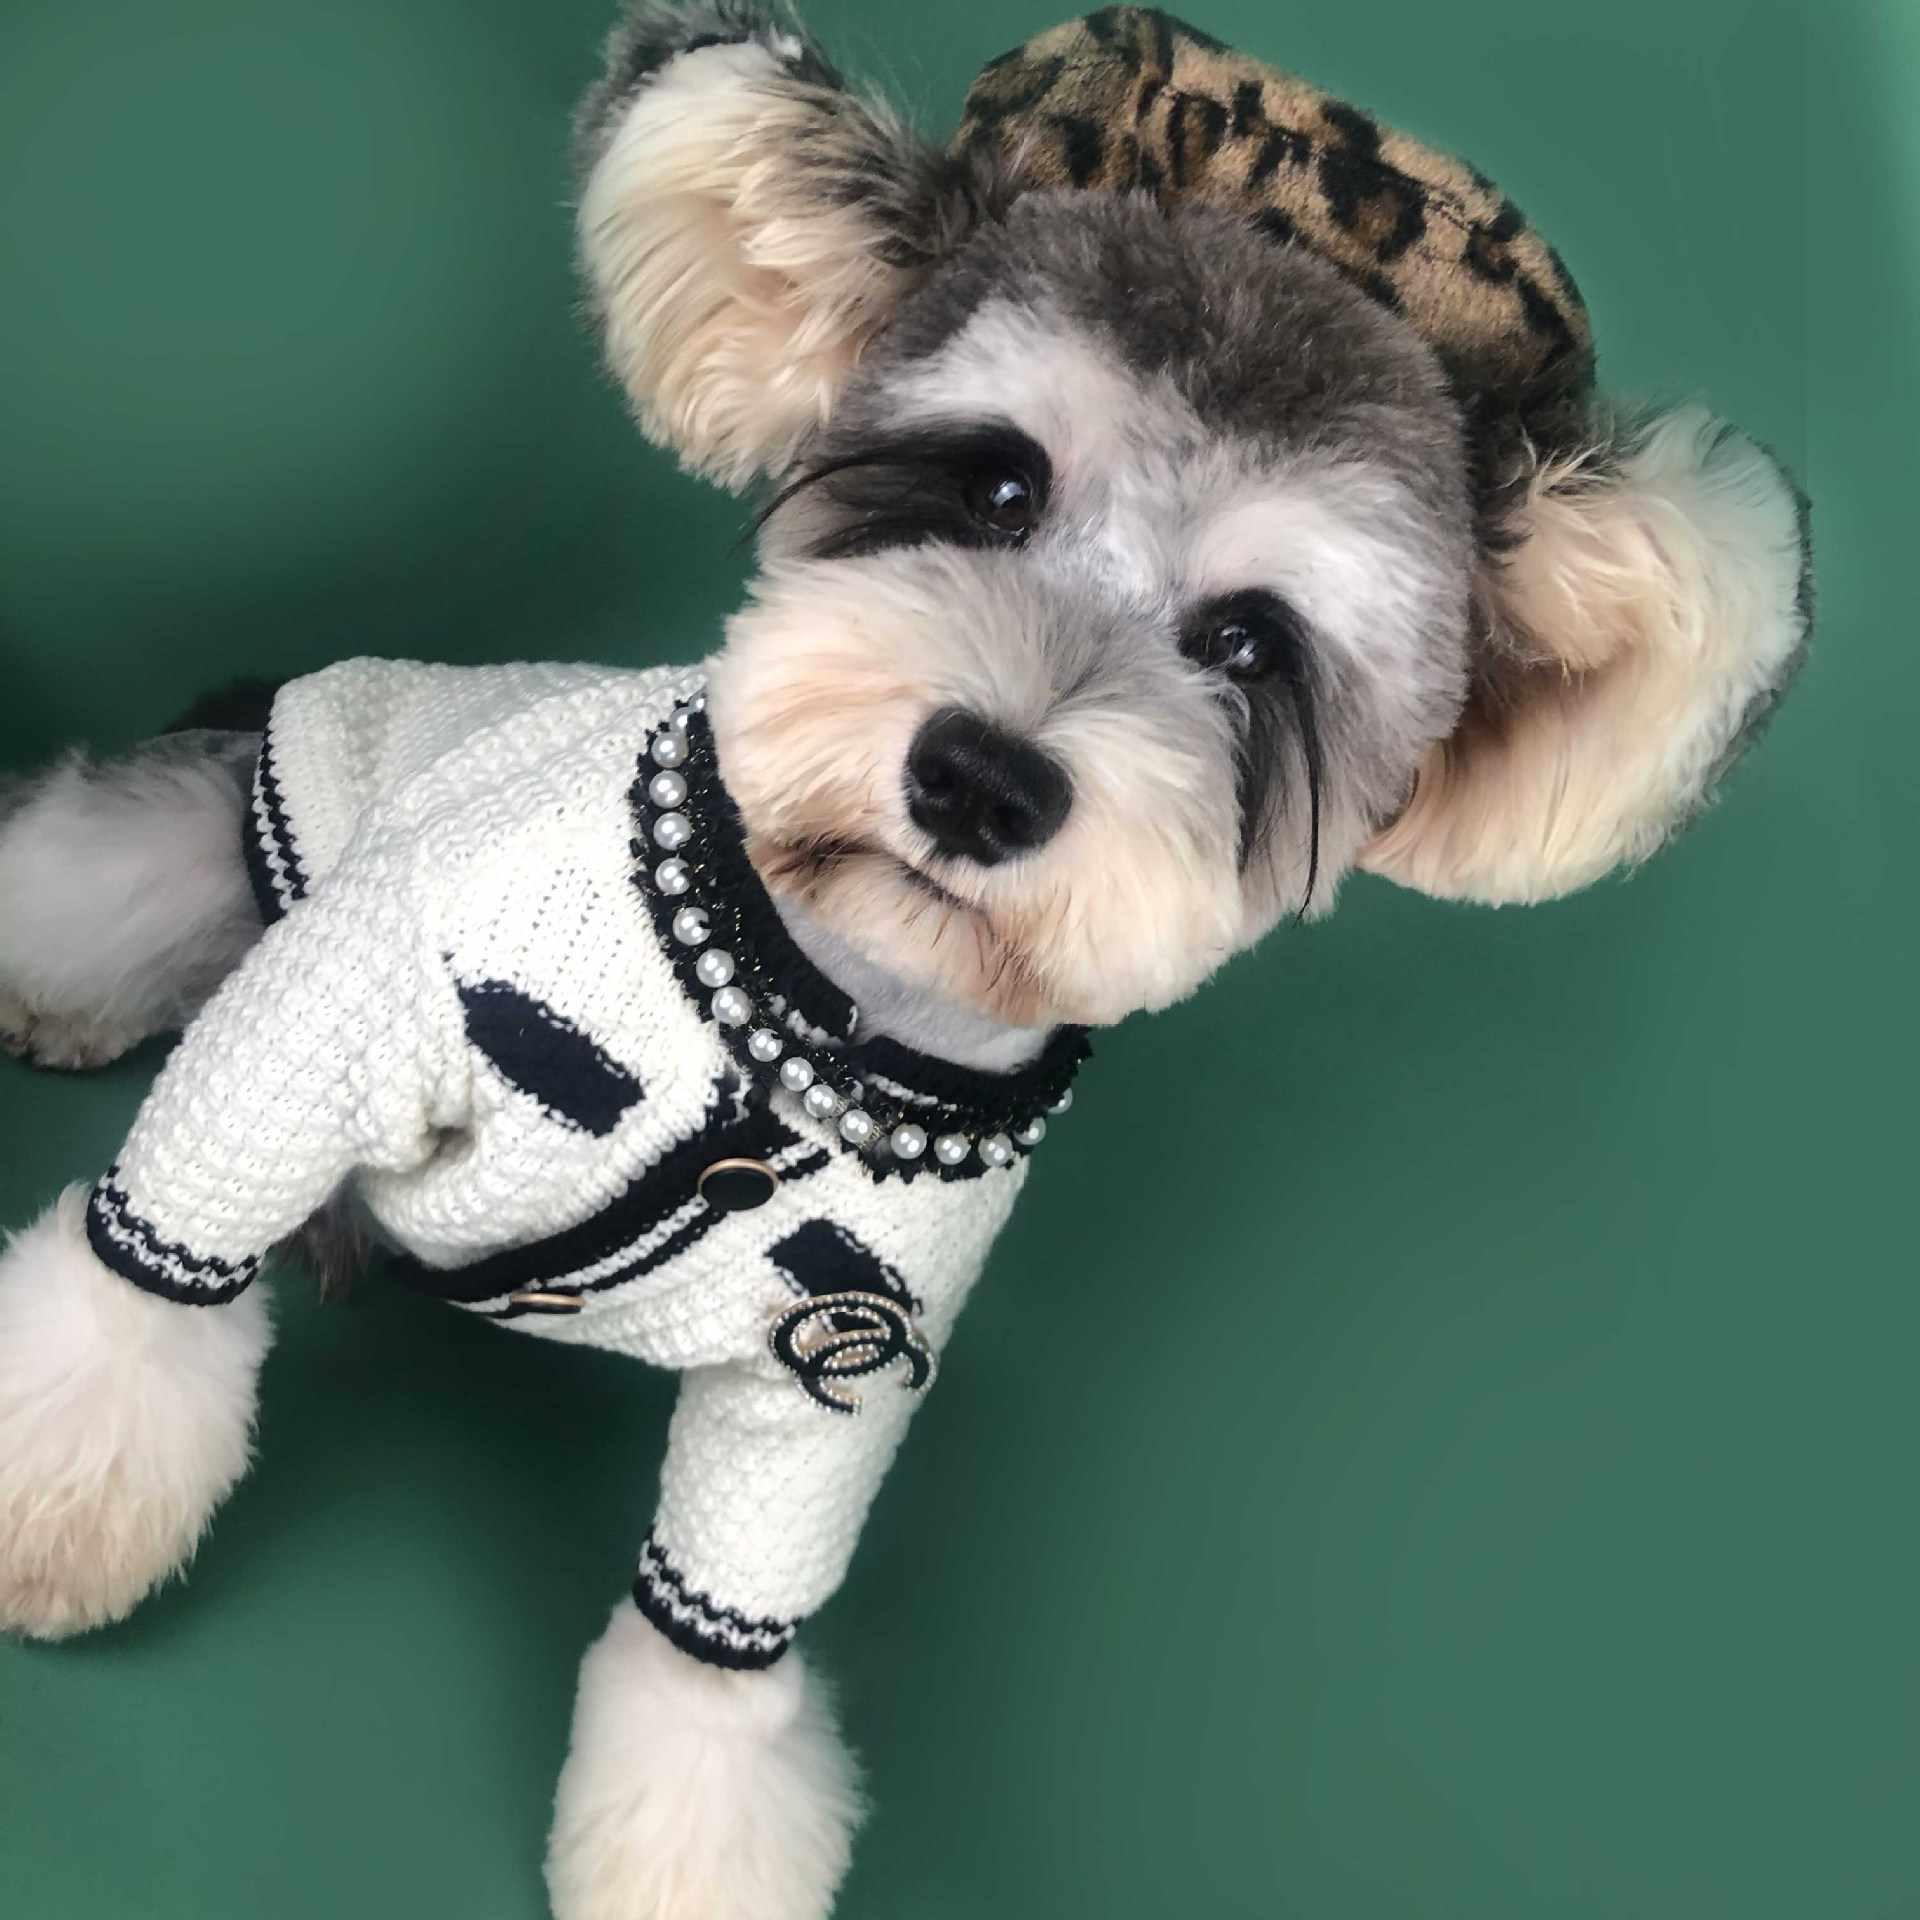 Hund Kleidung Neue Jahr Pullover für Teddy Bichon Hiromi Chihuahua Französisch Mops Bulldogge Welpen Winter Mode Luxus Niedlichen Hund Kleidung